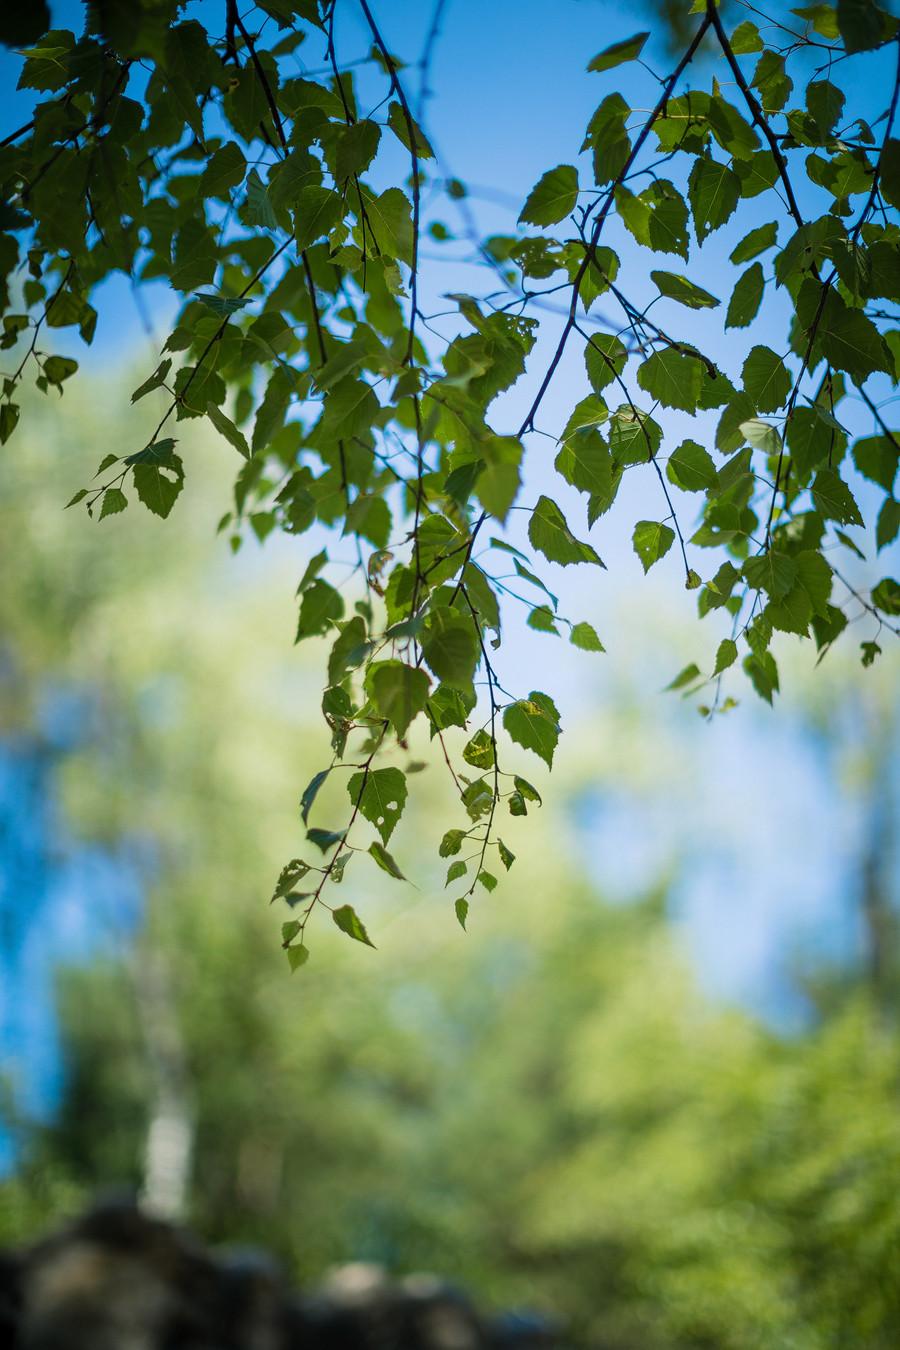 Manchmal reicht es aber auch einfach, die Zeit draußen zu genießen und die Facetten der wundervollen Natur aufzusaugen.